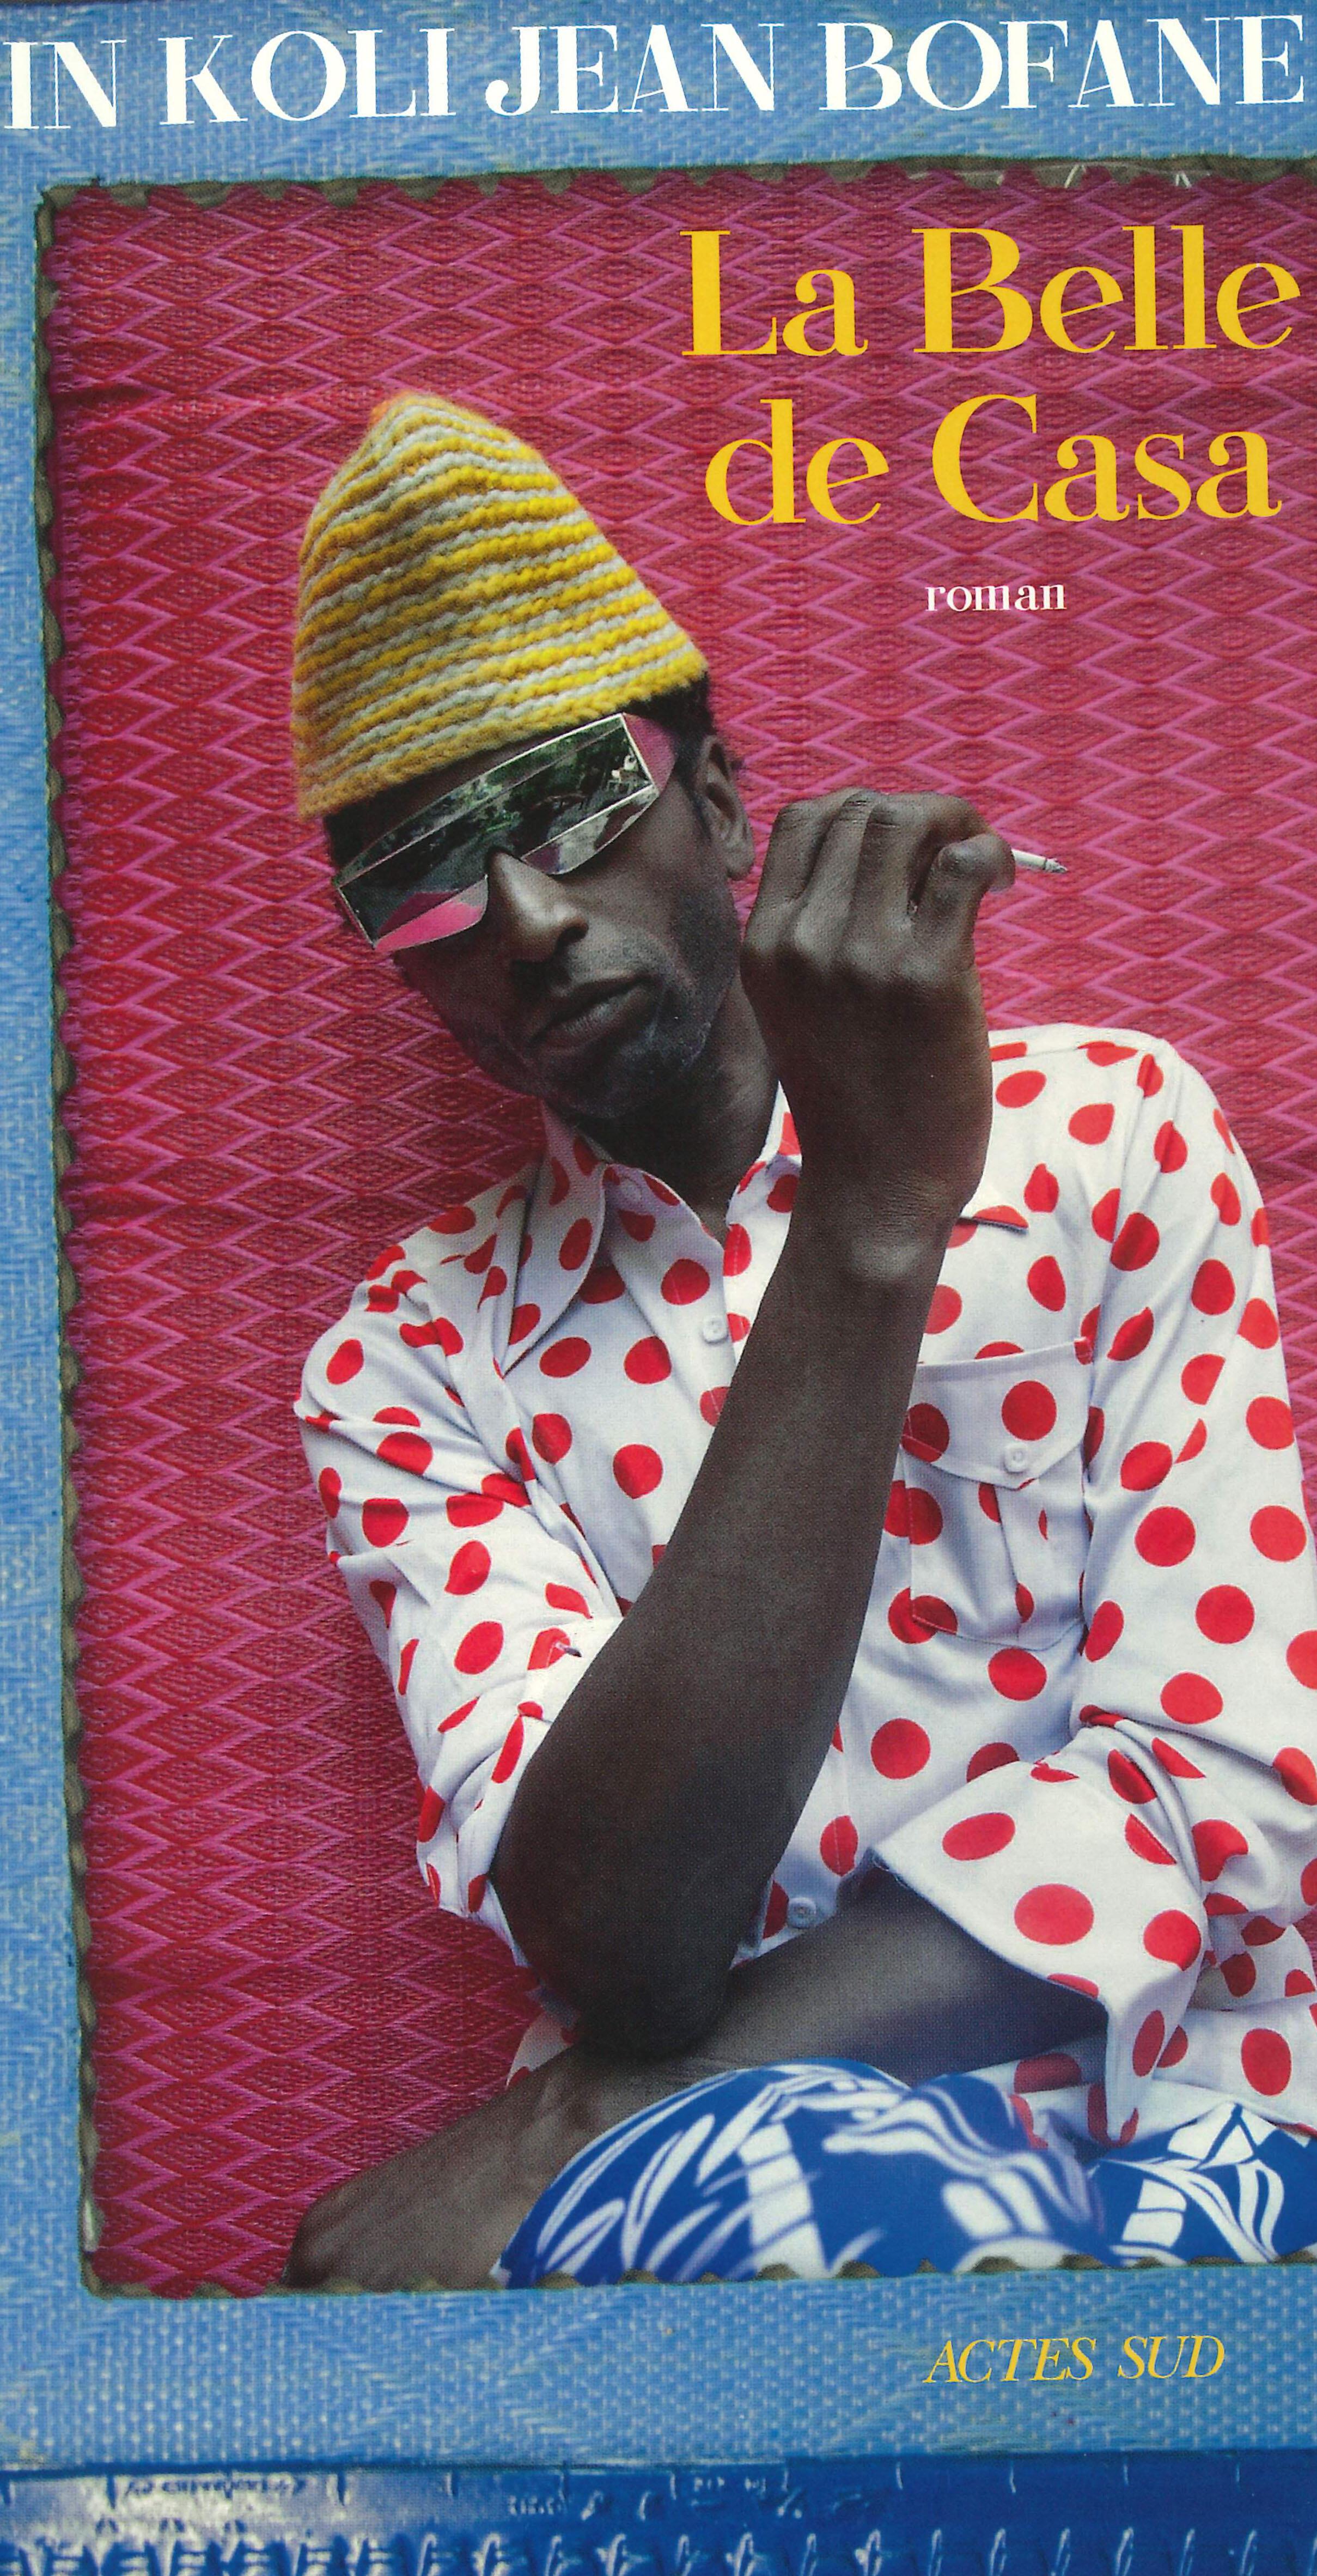 «La Belle de Casa» est le troisième roman du romancier d'origine congolaise In Koli Jean Bofane.